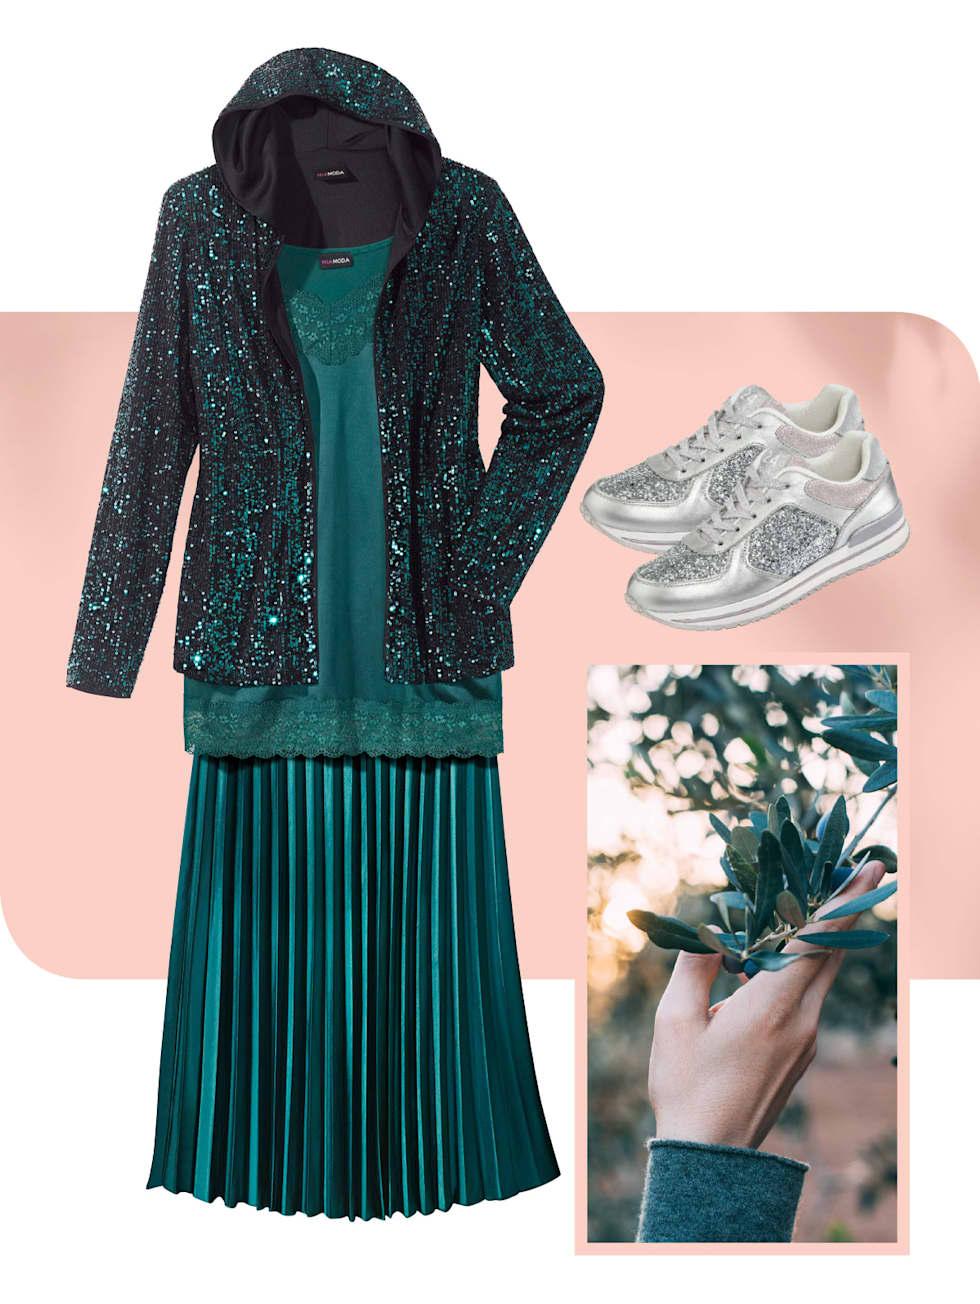 MIAMODA Große Größen Kampagne strahlende Farben - Outfit in der Farbe grün